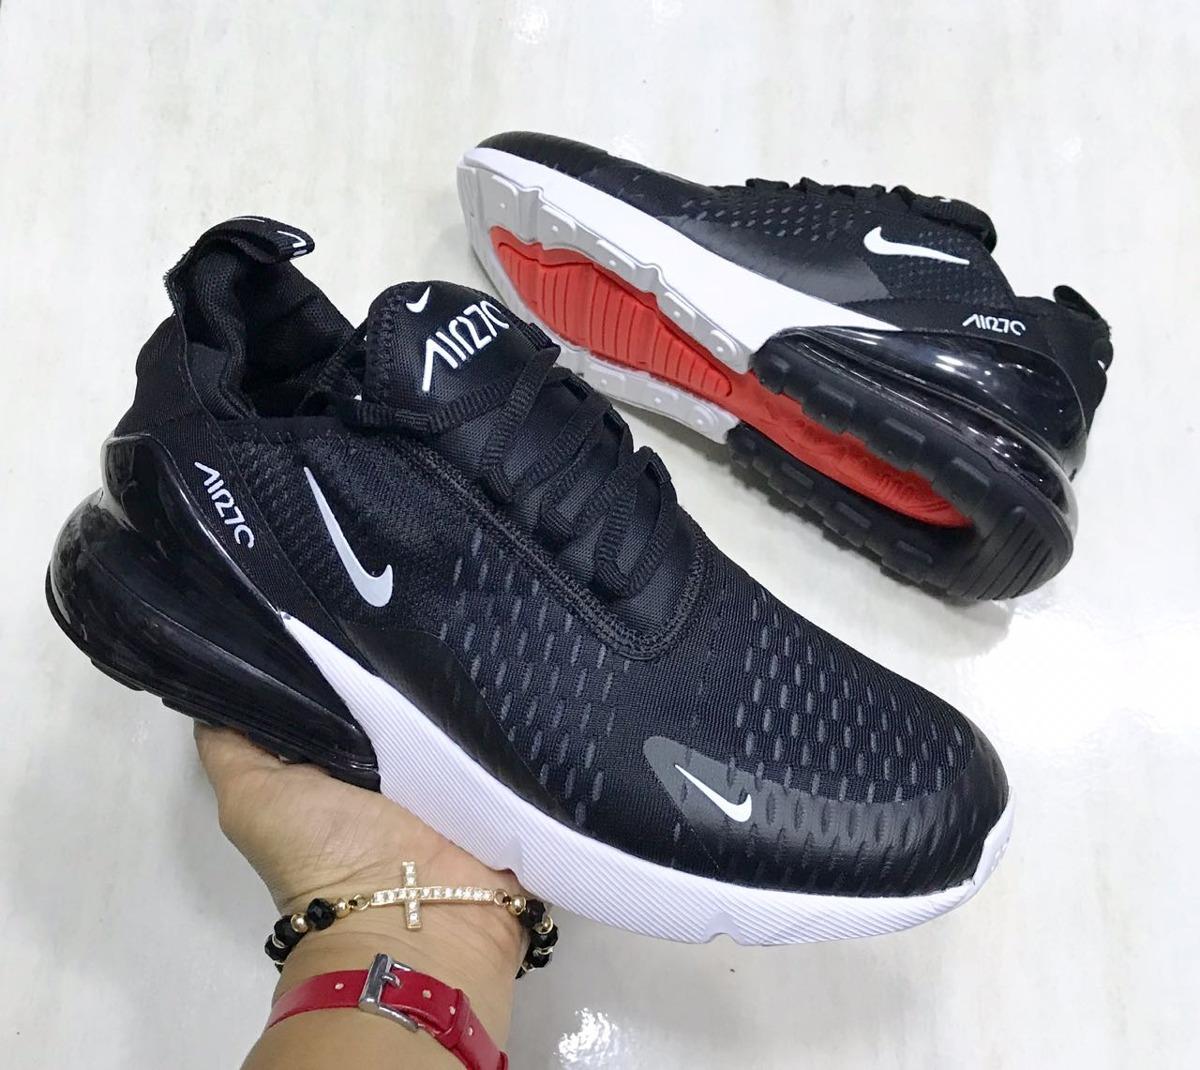 bffc7b88d6fc7 Zapatillas Air Nike 270 Para Caballero -   170.000 en Mercado Libre